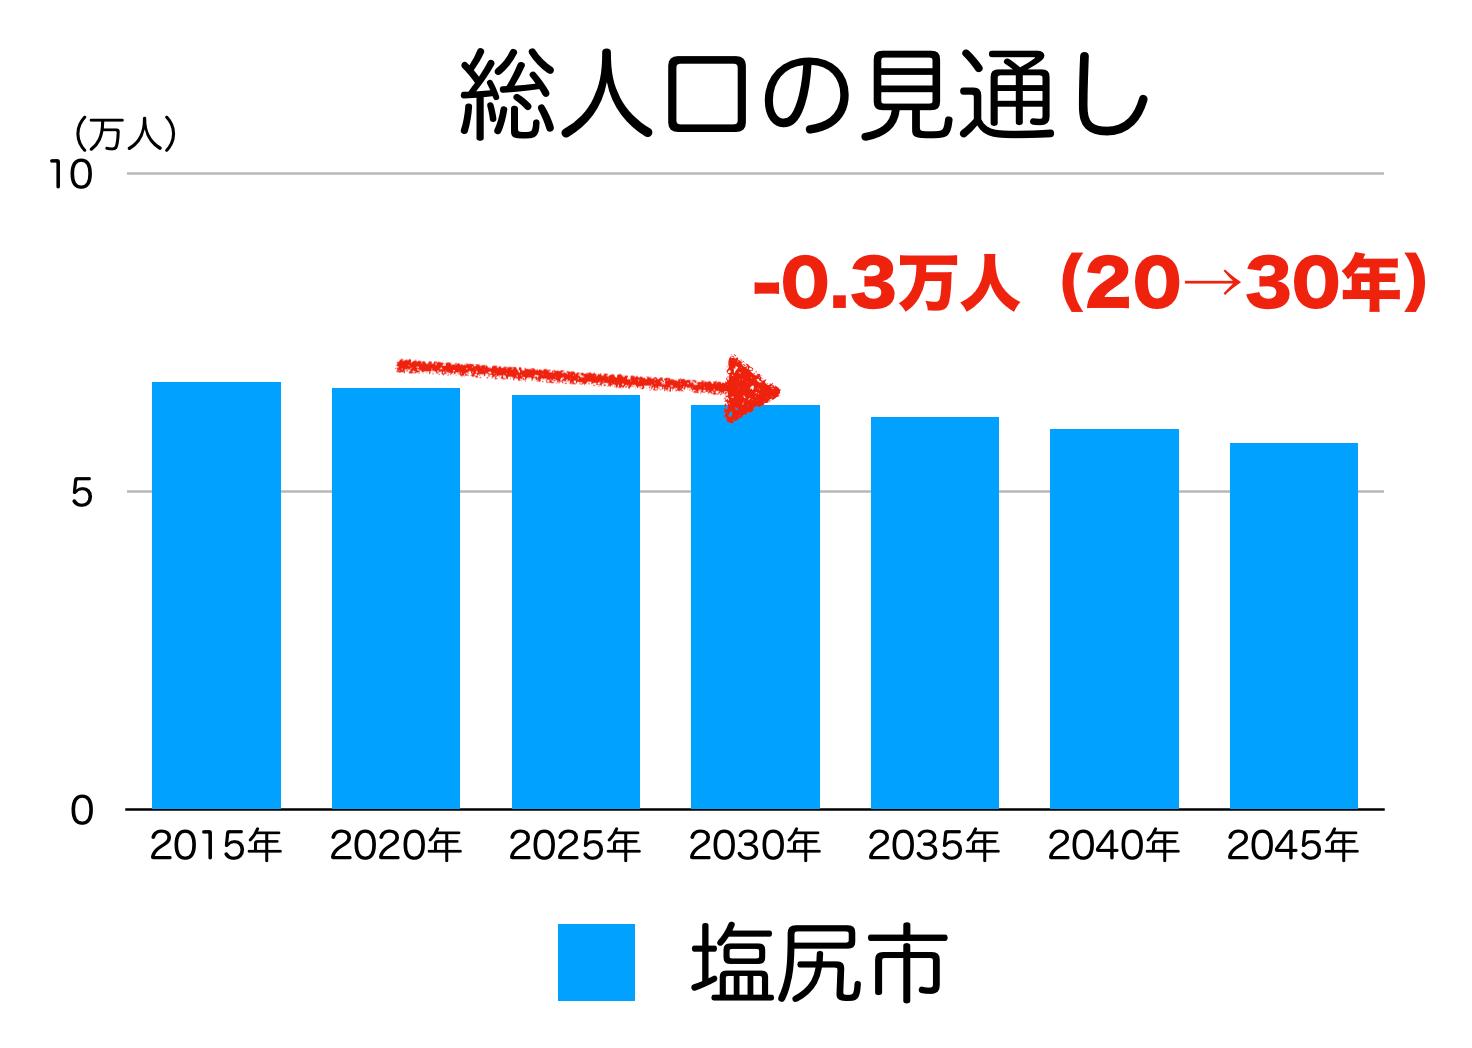 塩尻市の人口予測